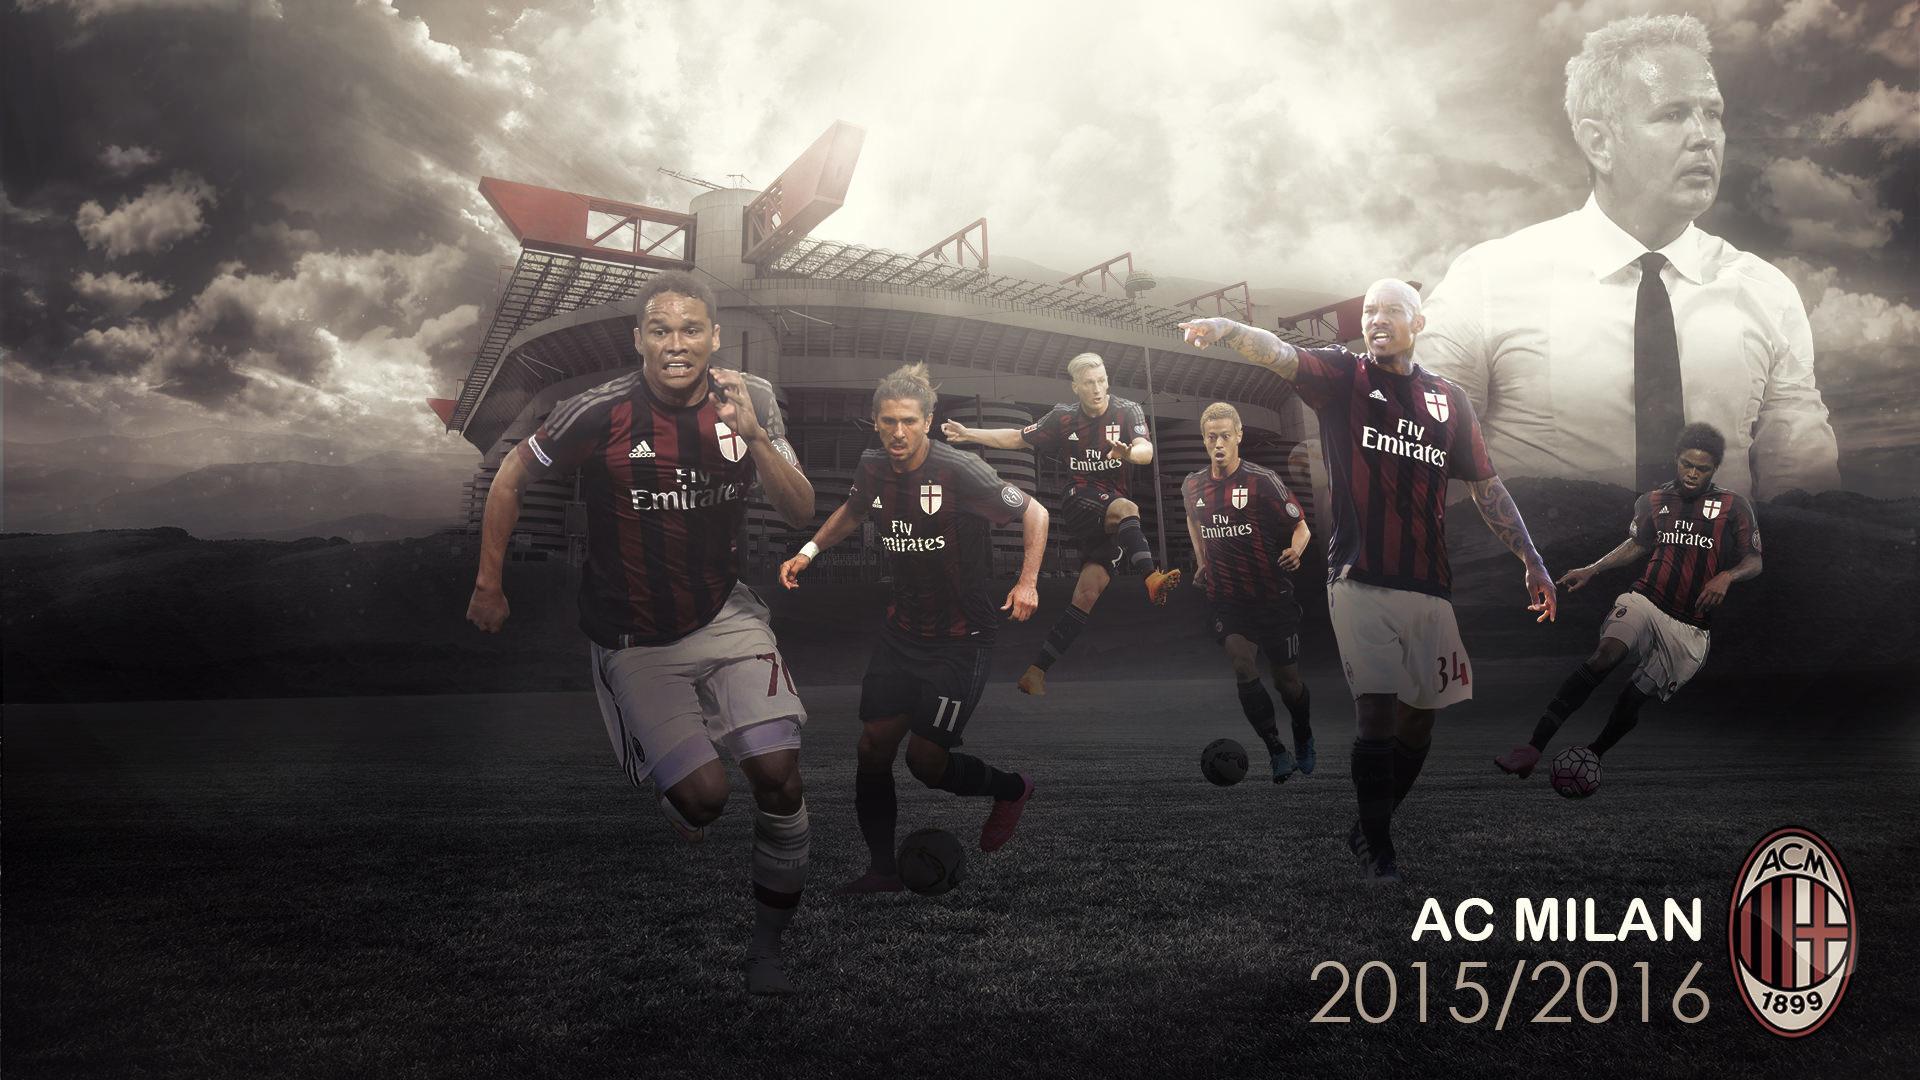 AC Milan 2015/2016 Wallpaper